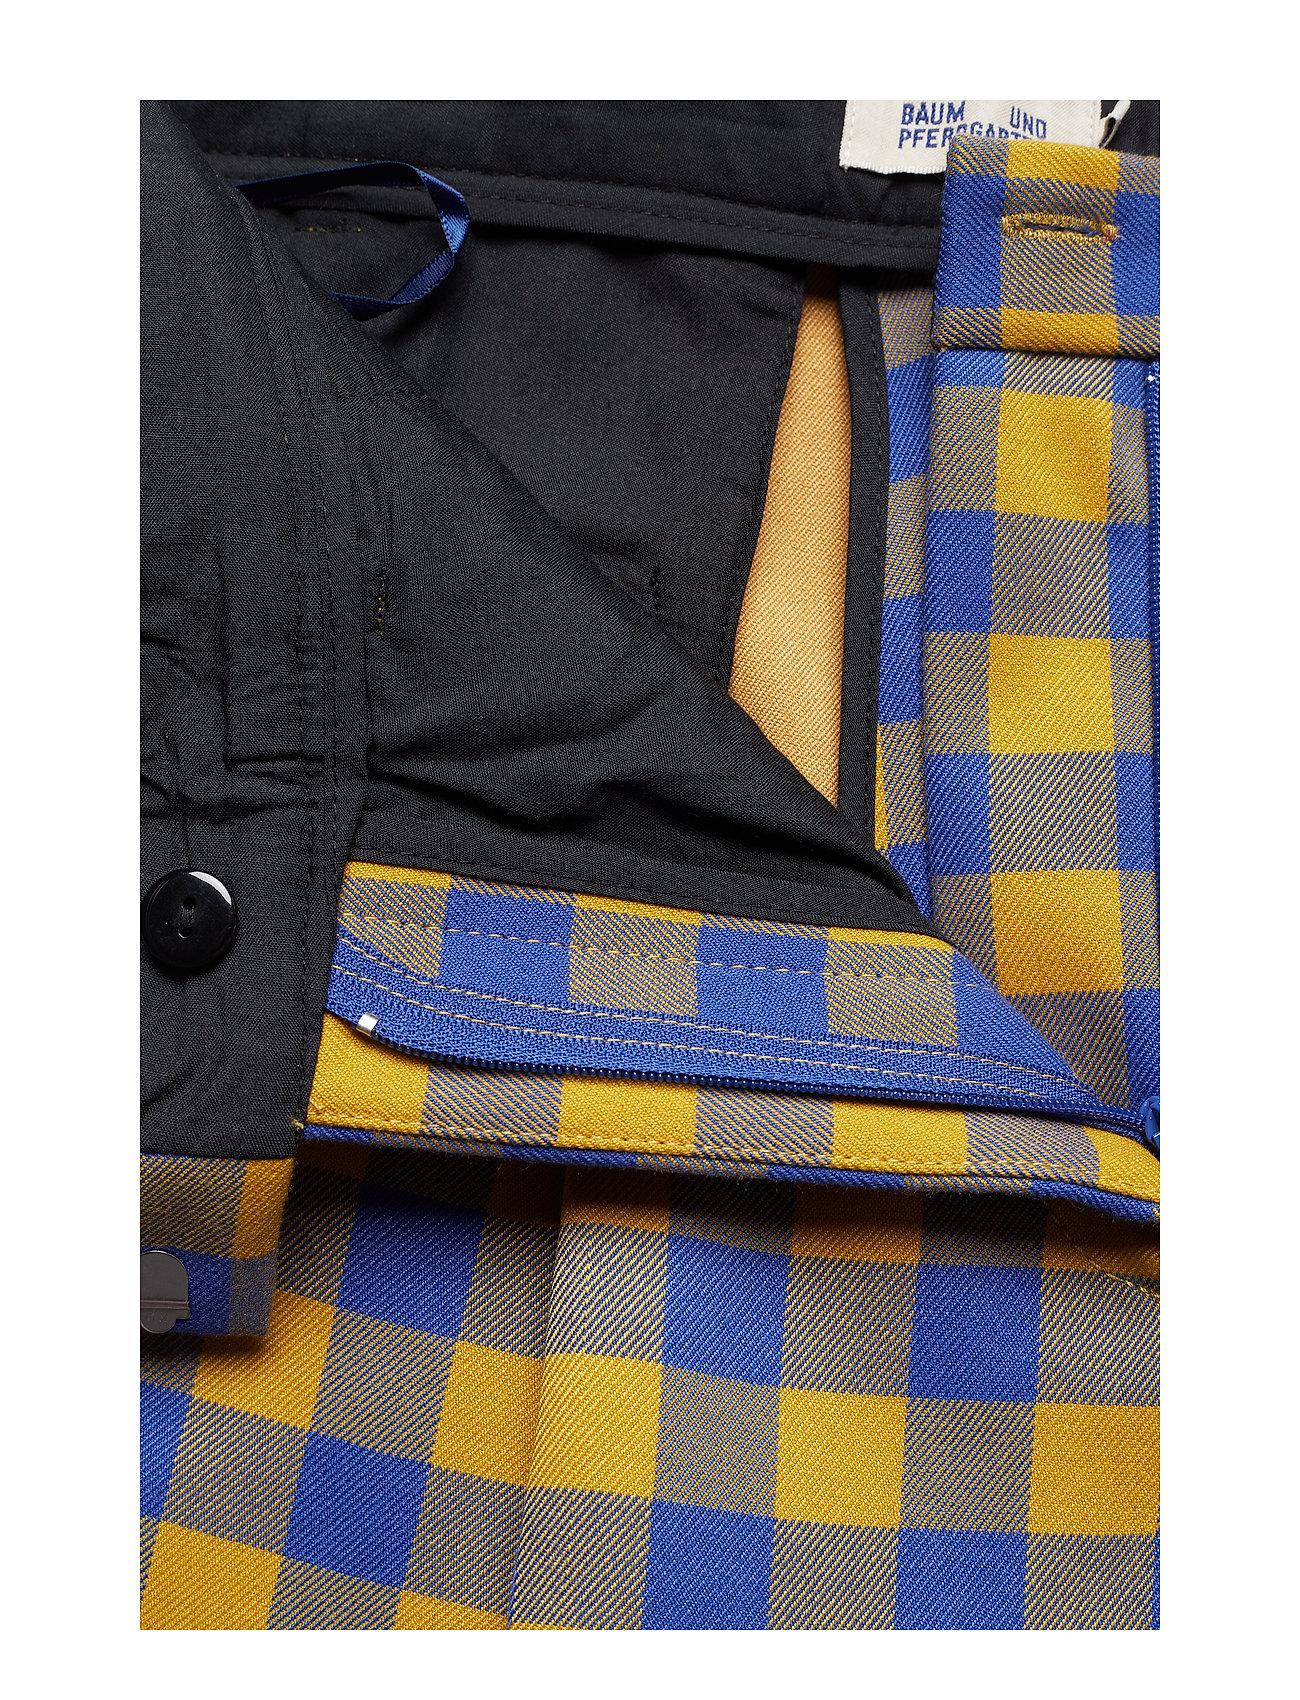 Blue Blue Und Und CheckBaum Und Pferdgarten CheckBaum CheckBaum Pferdgarten Nimmigolden Blue Nimmigolden Nimmigolden MqUzGSVp